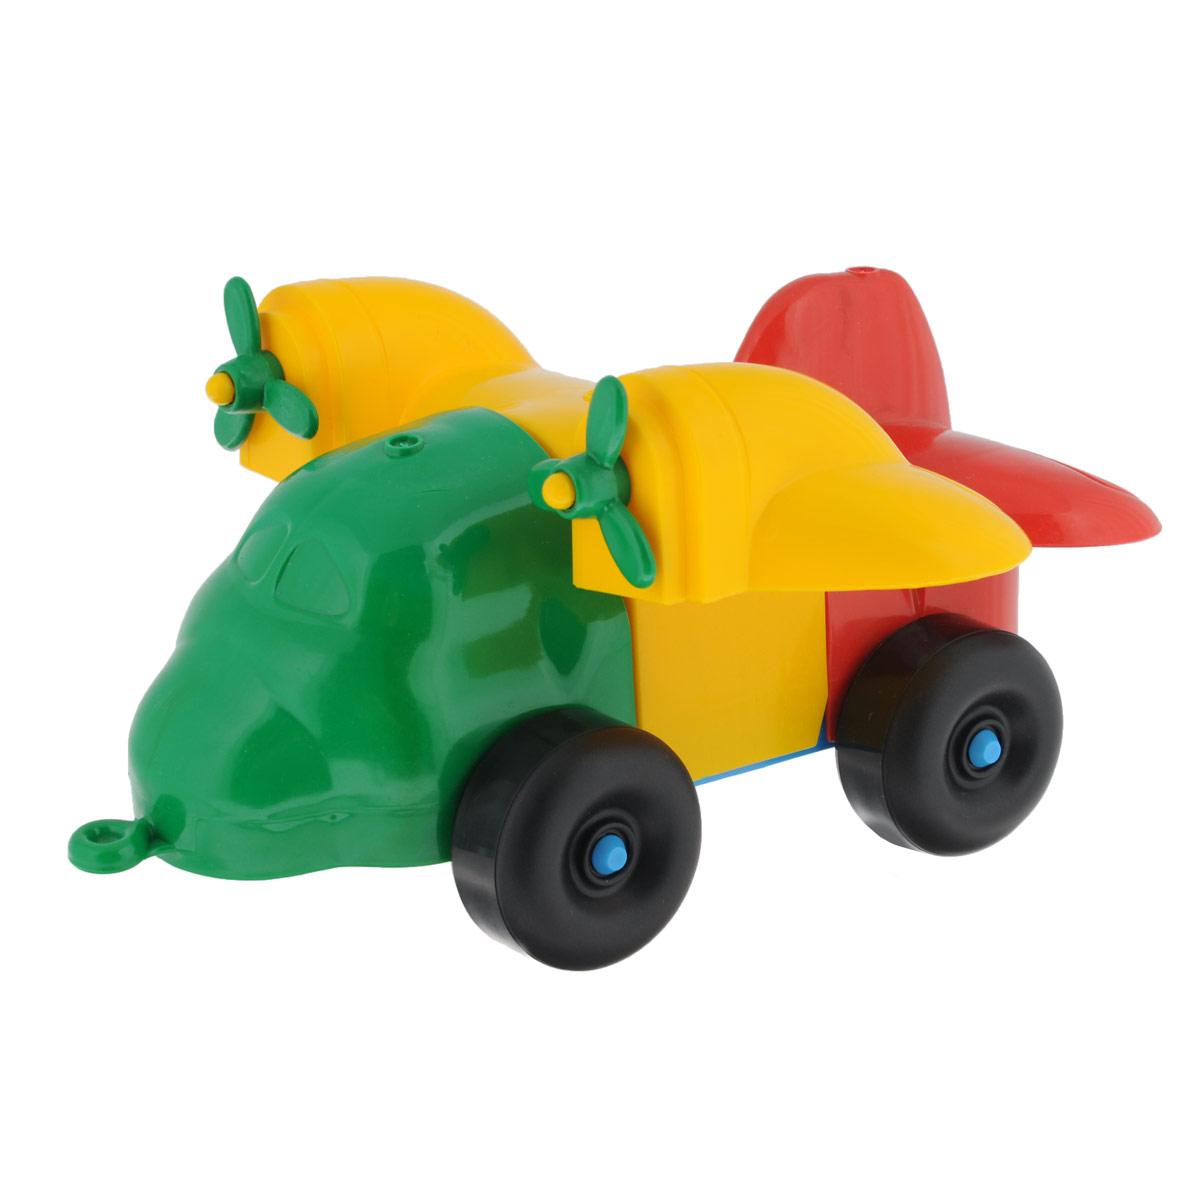 Каталка-конструктор Bauer Самолет. 284284Каталка-конструктор Bauer Самолет обязательно привлечет внимание вашего малыша. Игрушка состоит из нескольких крупных элементов разных цветов, из которых можно собрать самолет на колесиках. Также в комплект входит верёвочка, которую можно привязать к игрушке, чтобы ребёнок мог катить её за собой. Игрушка выполнена из высококачественного пластика с использованием пищевых красителей. С такой игрушкой ваш ребенок весело проведет время, играя на детской площадке или в песочнице. А процесс сборки игрушки-конструктора поможет малышу развить мелкую моторику пальчиков, внимательность и усидчивость. Порадуйте своего малыша такой чудесной игрушкой!